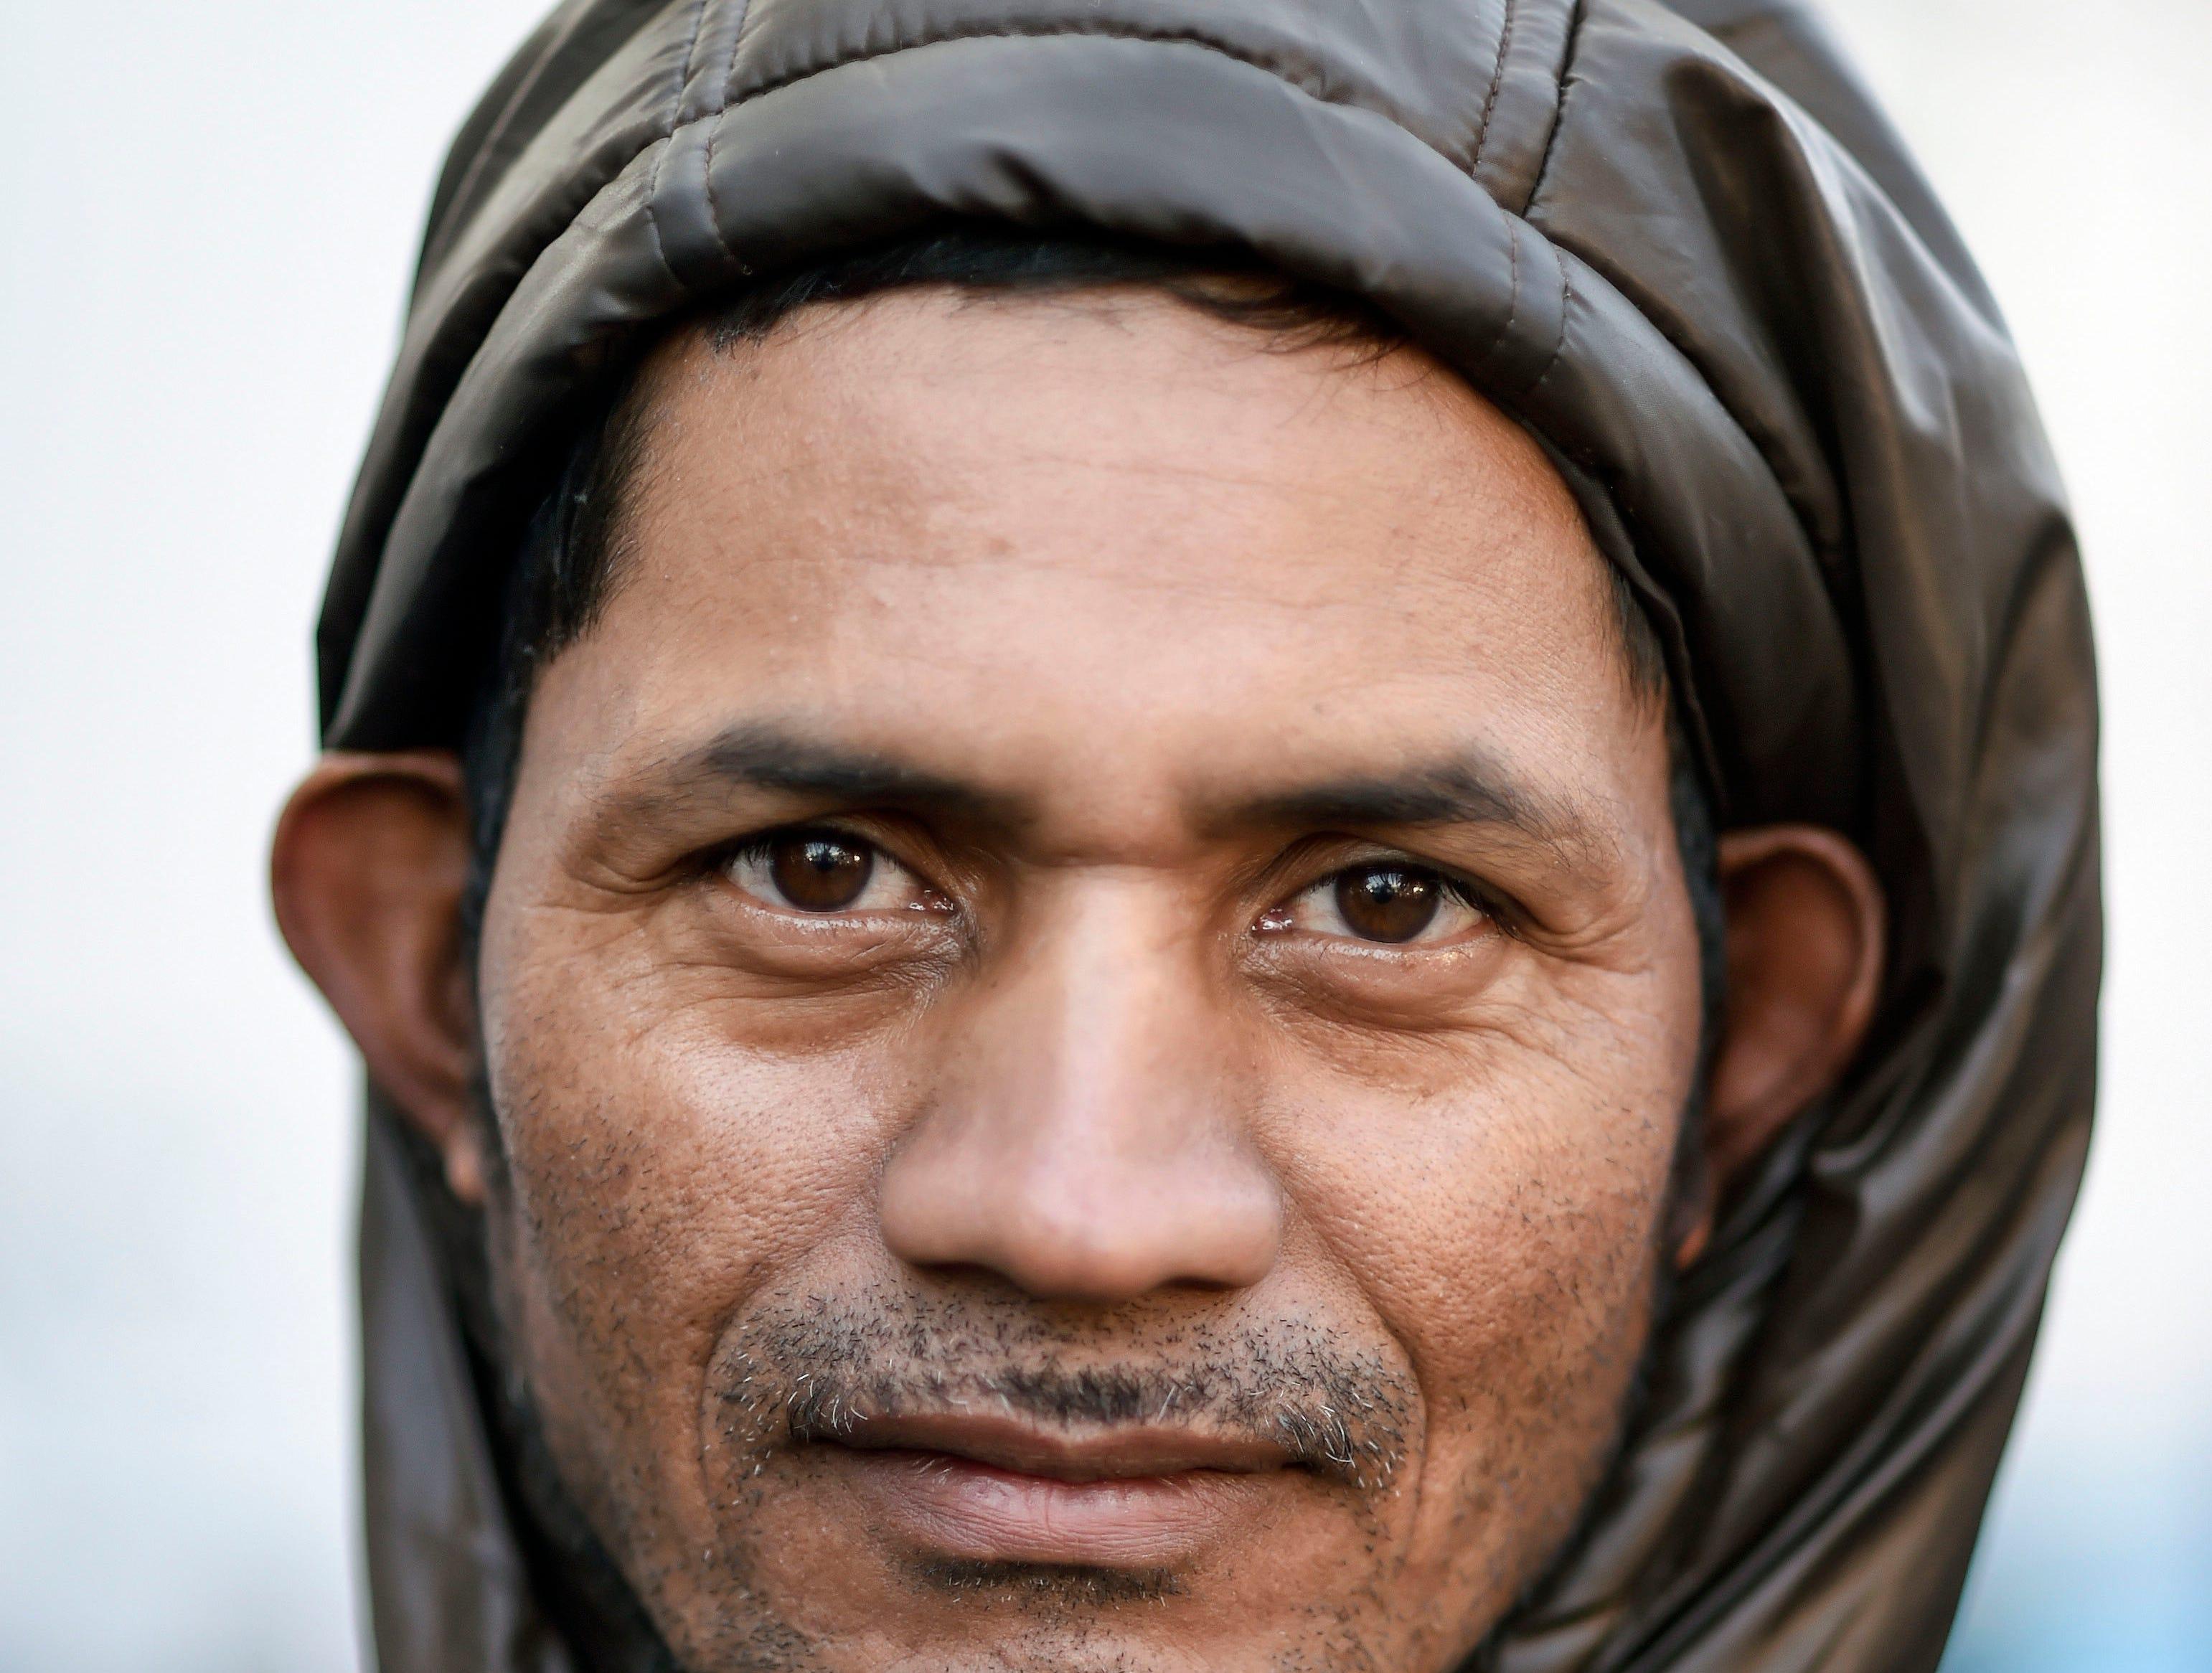 Alcides Padilla, hondureño, 39 años. Estos son los rostros de los migrantes centroamericanos que huyen de la pobreza y violencia que se vive en sus países; y que por medio de una caravana caminan cientos de kilómetros cruzando ciudades, ríos, carreteras, bosques y fronteras, con el firme propósito de hacer realidad su sueño de llegar a los Estados Unidos.